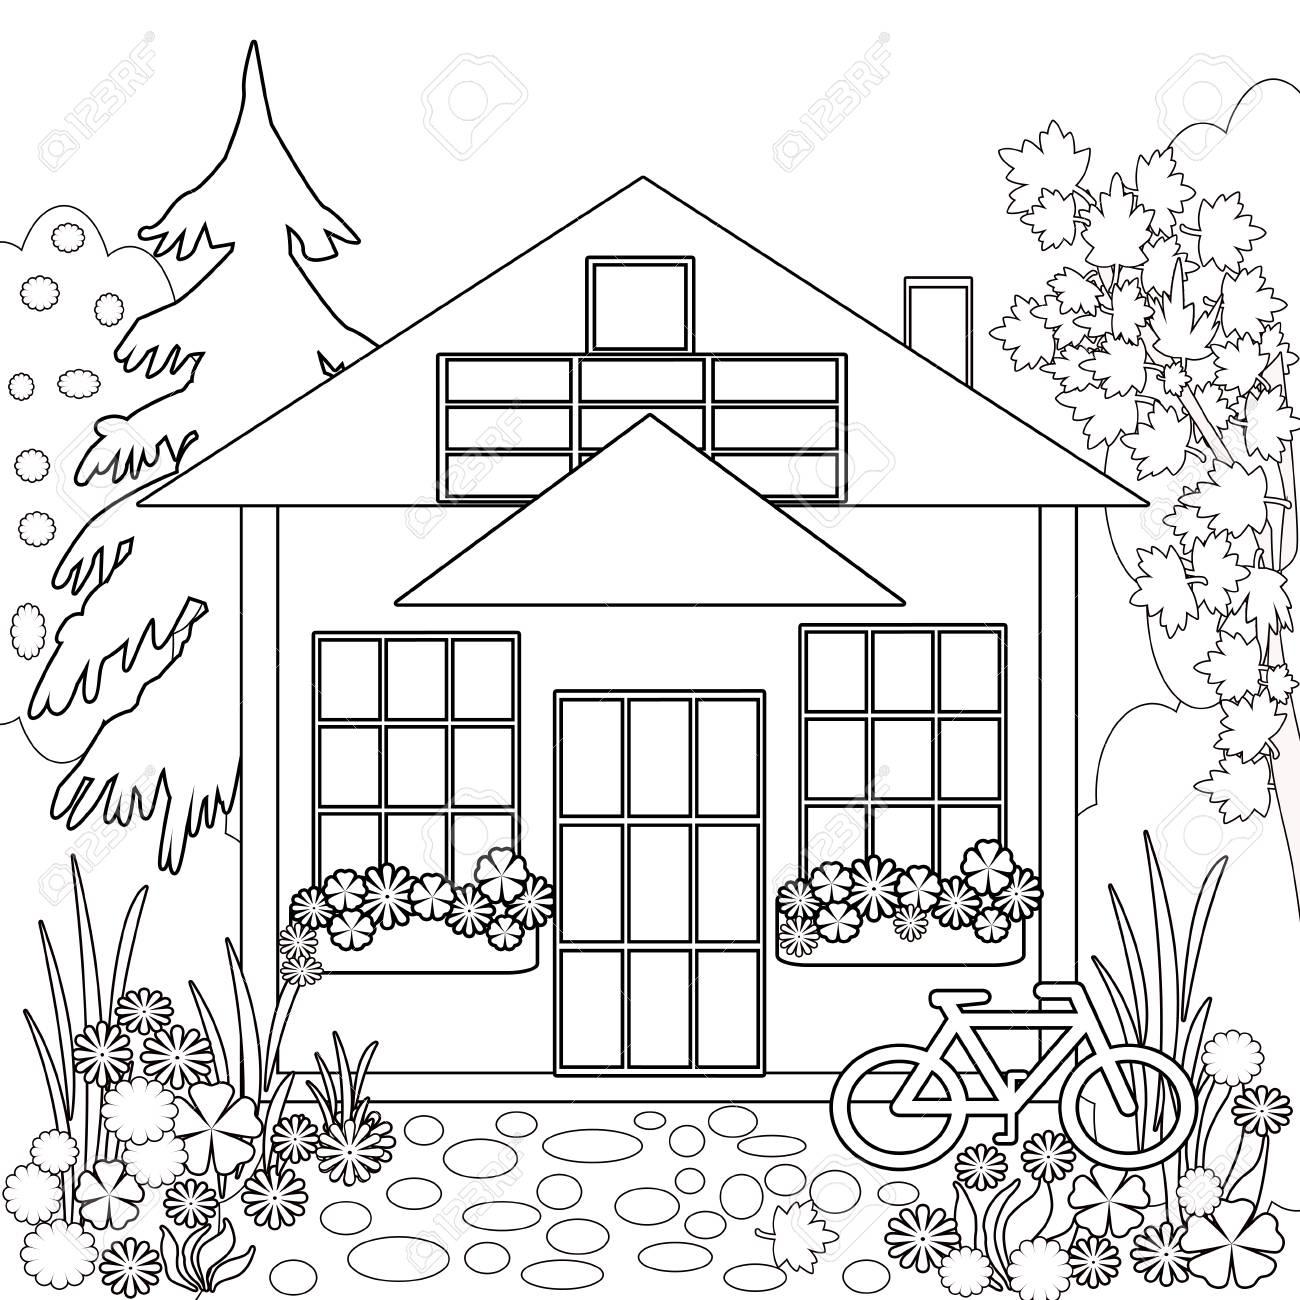 Dibujo Para Colorear Libro. Ilustración Del Jardín De Flores Blanco ...